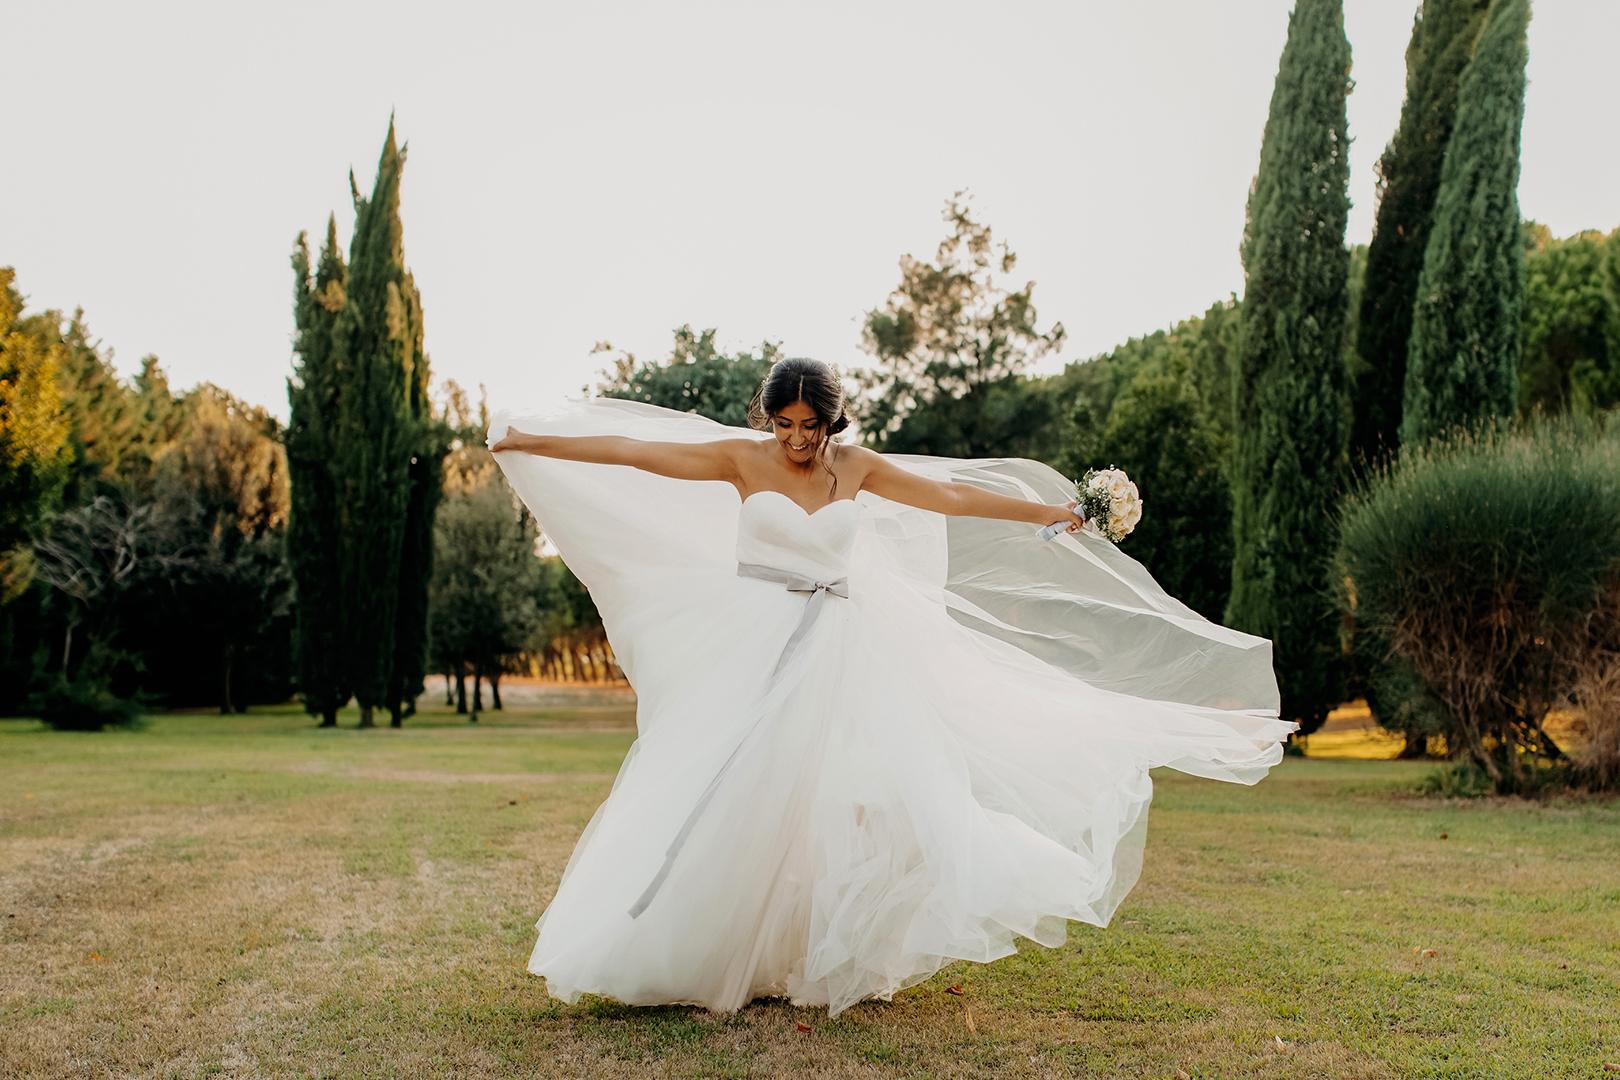 66 gianni-lepore-foto-ritratto-sposa-bride-torre-andriana-esterni-foggia